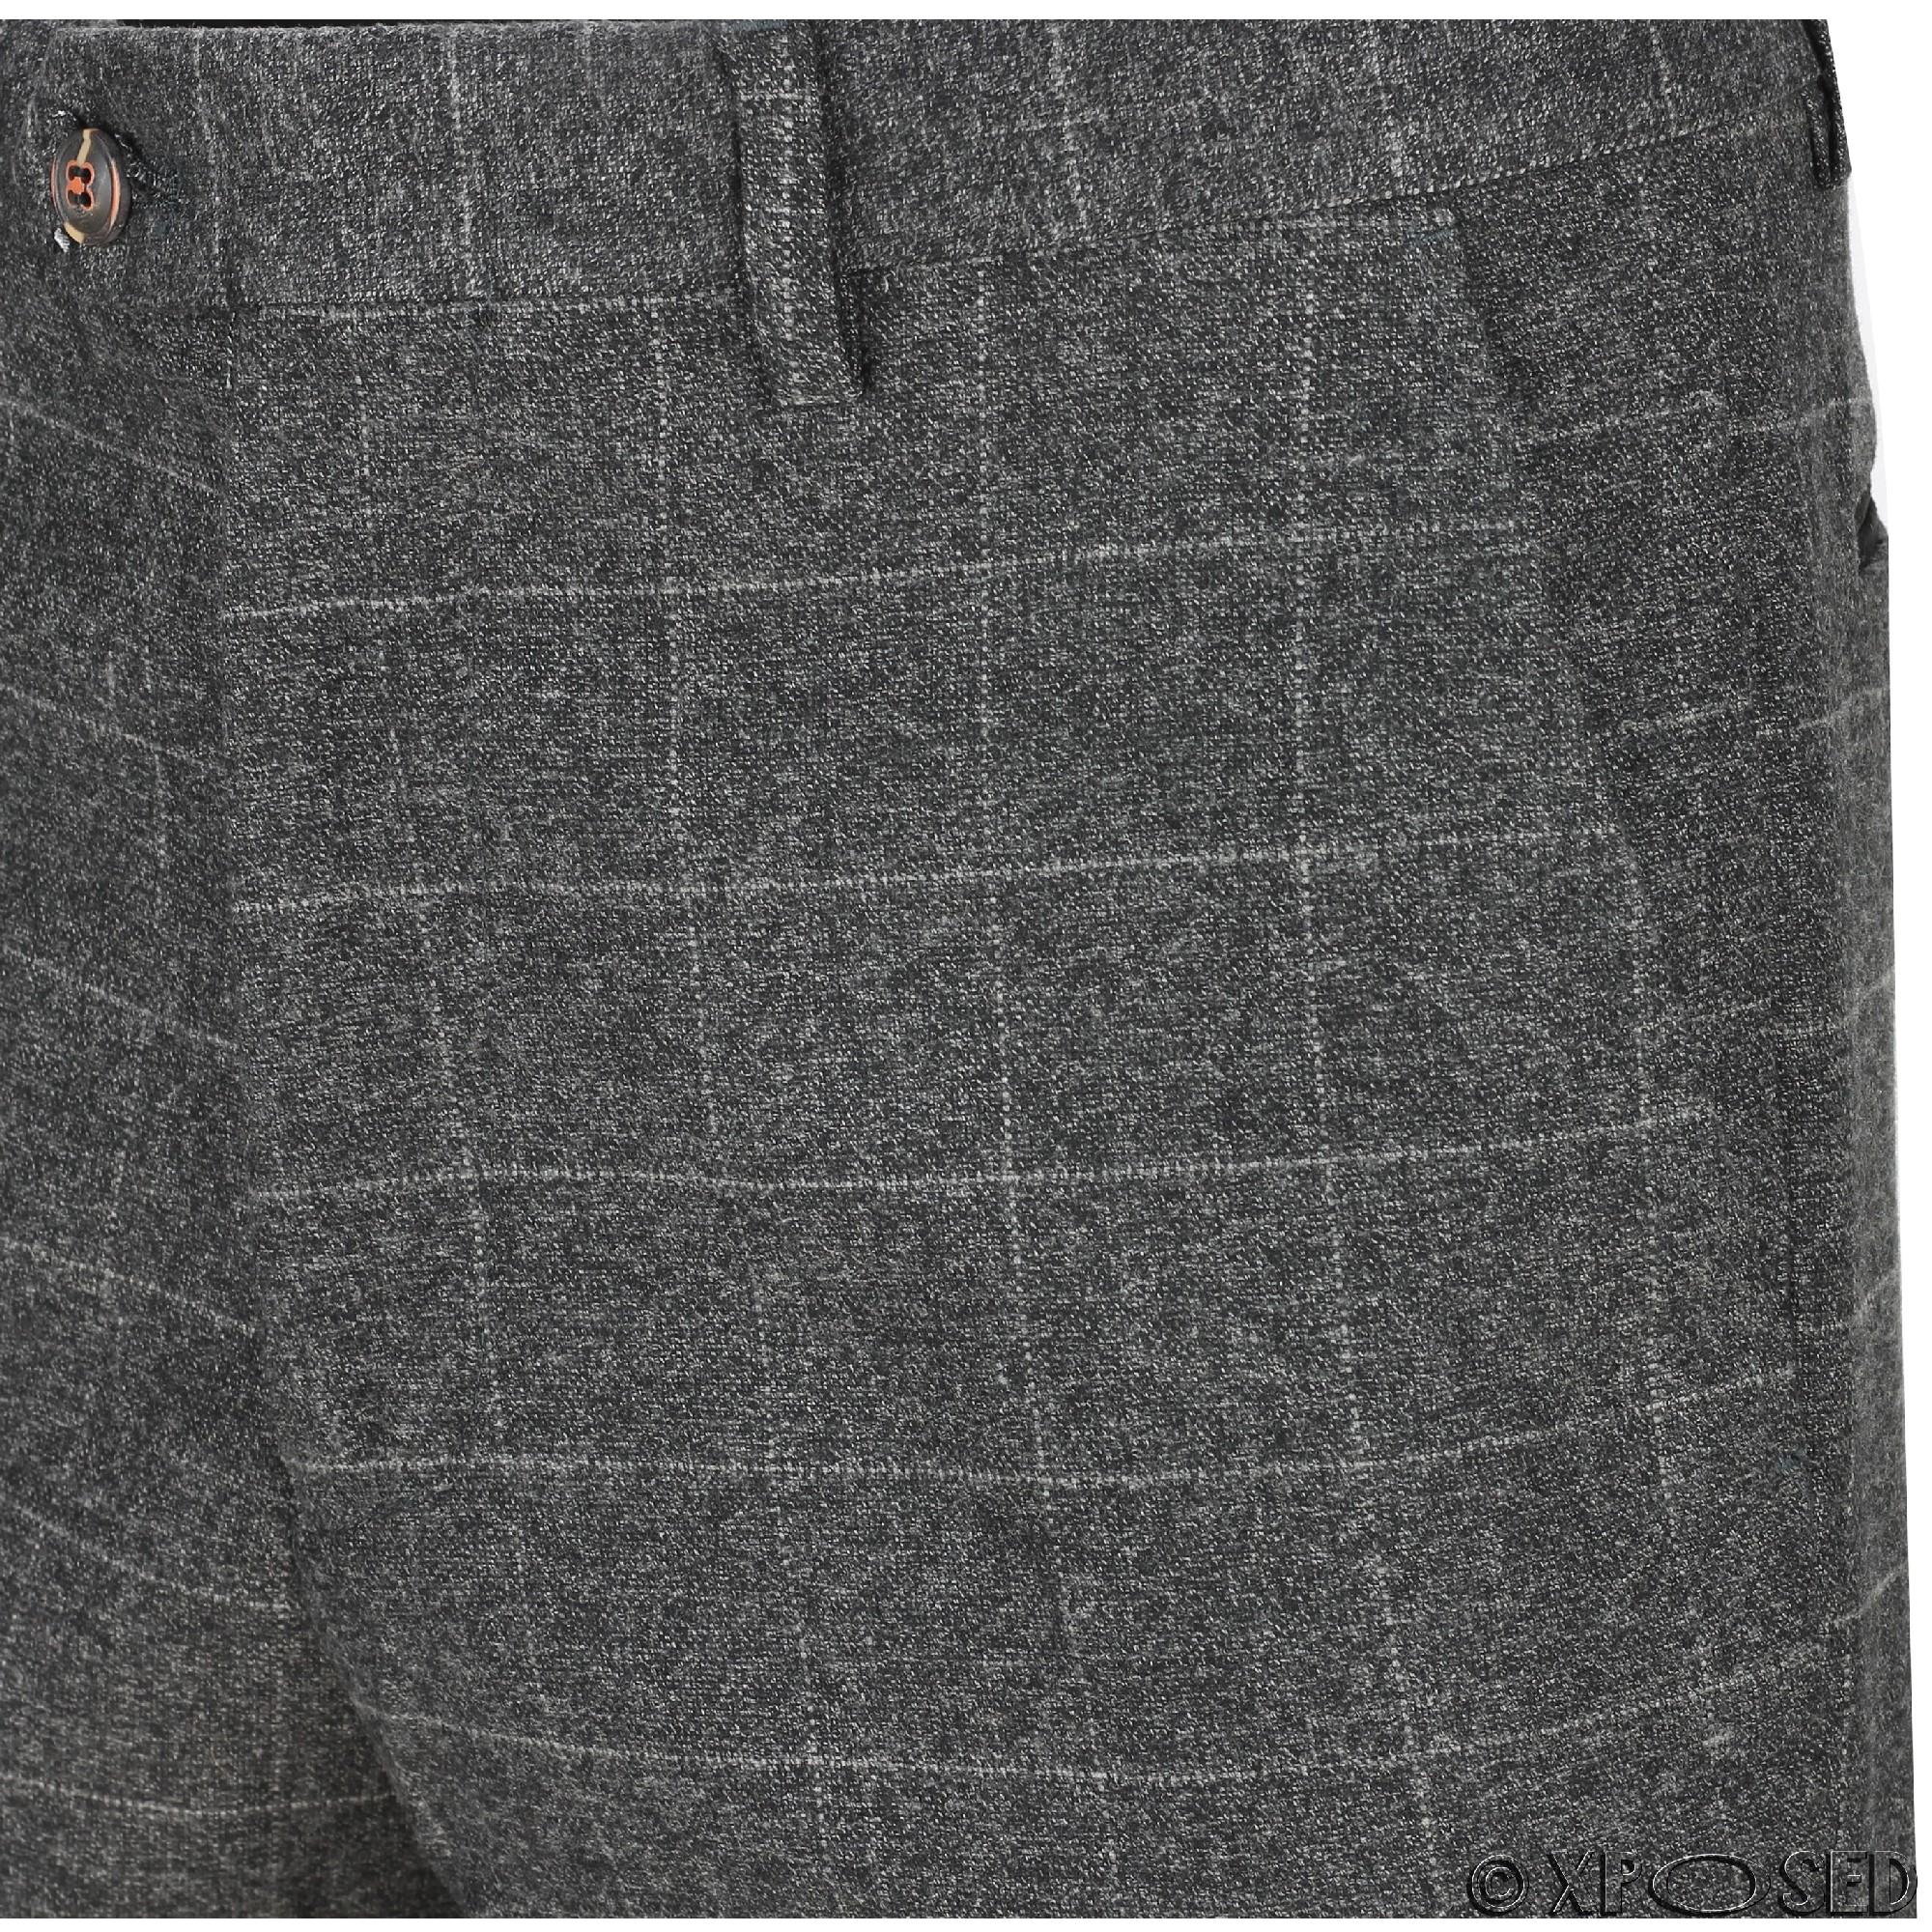 Nuevo-Para-Hombre-Traje-de-3-piezas-de-verificacion-en-gris-se-vende-por-separado-Chaqueta miniatura 7